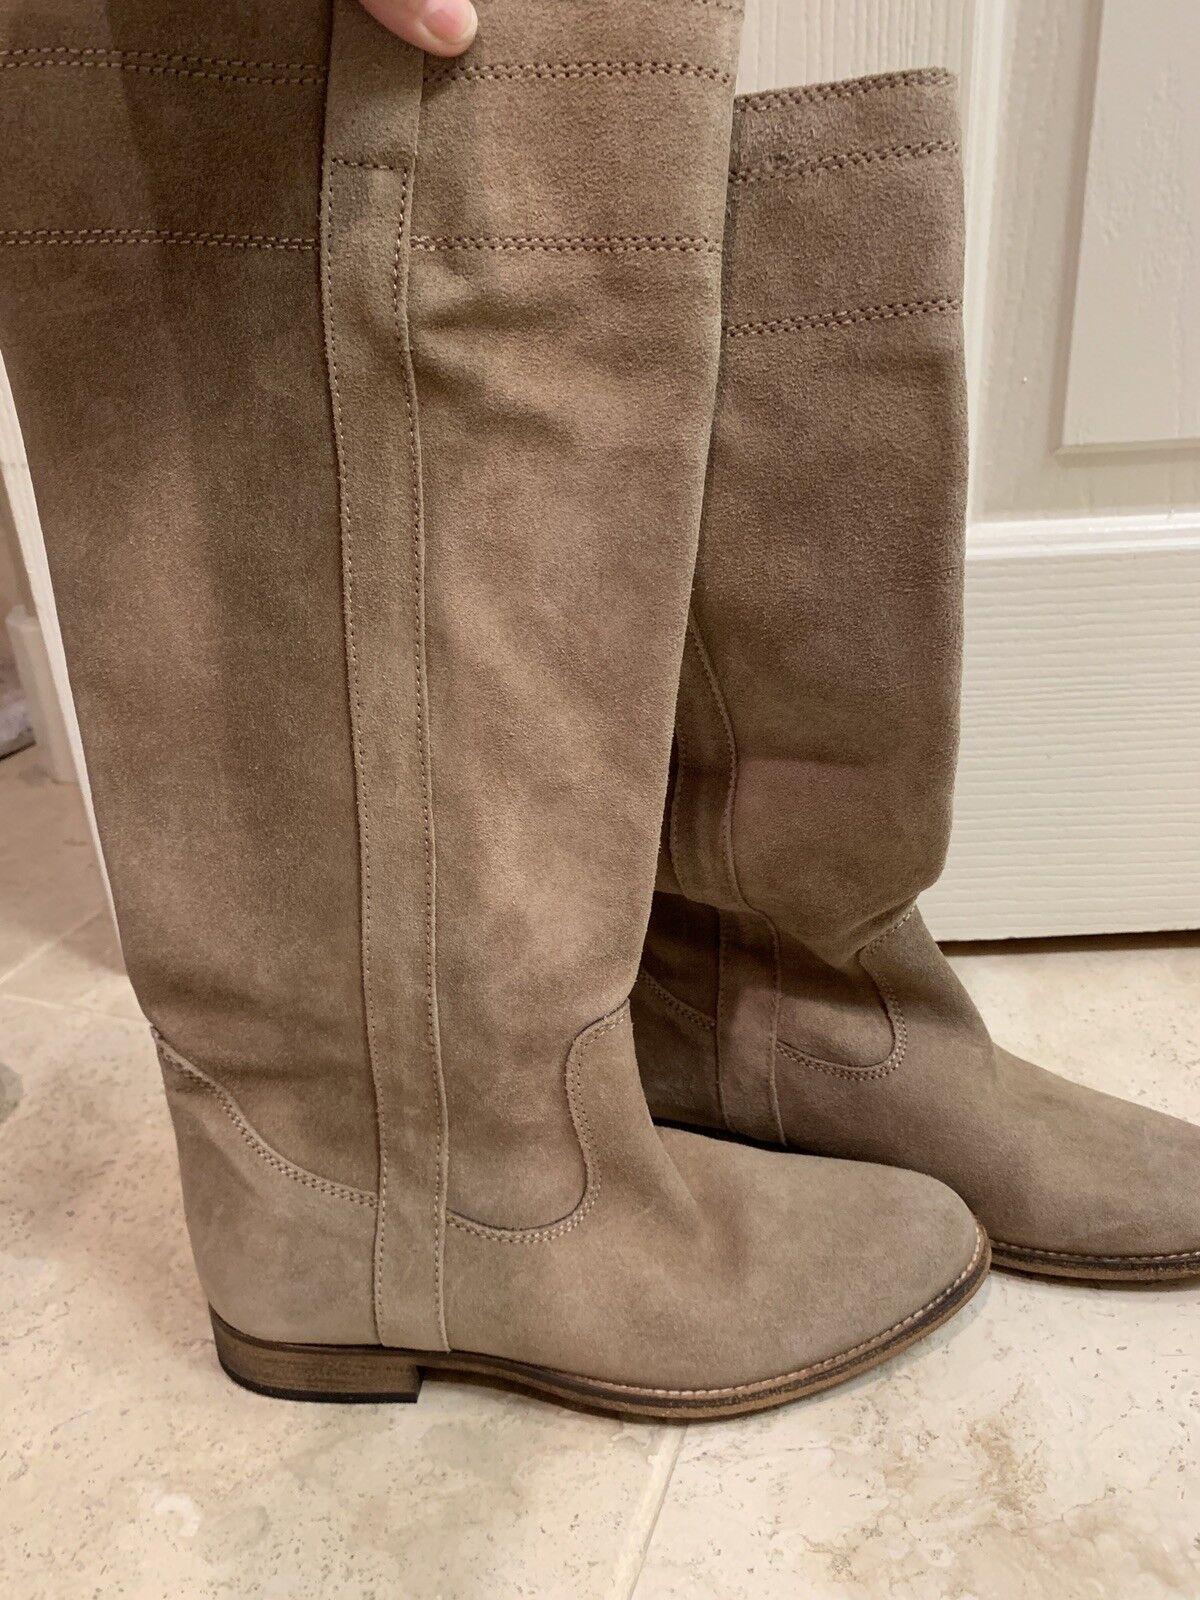 Nuevo sin etiquetas Color Color Color Beige Gamuza hasta la rodilla alta botas talla 8  350 781258